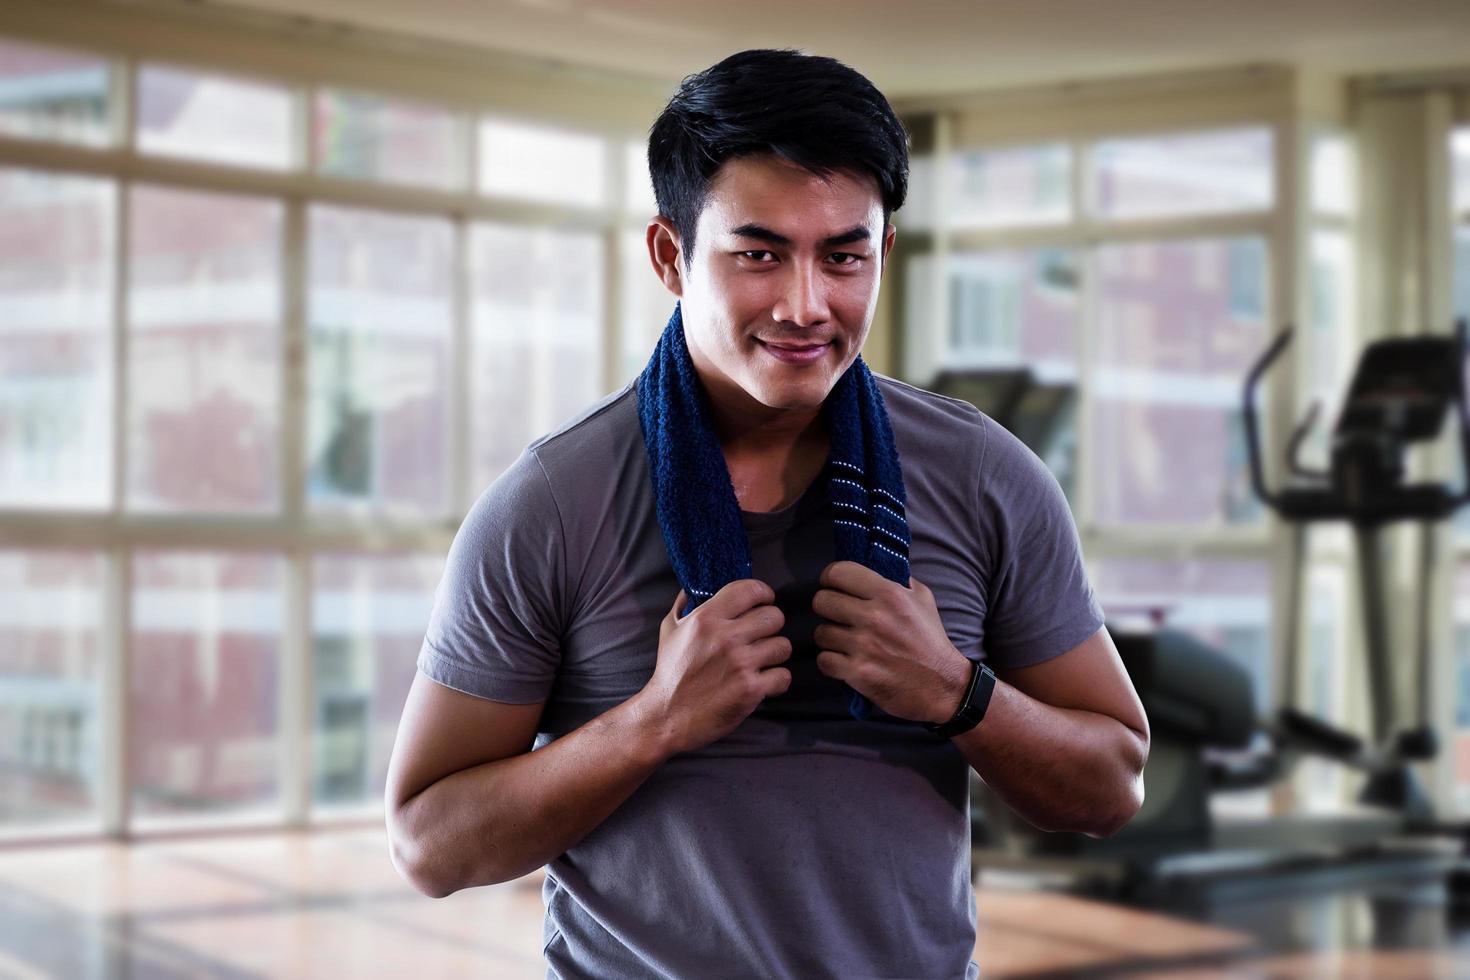 Mann, der im Fitnessstudio trainiert foto